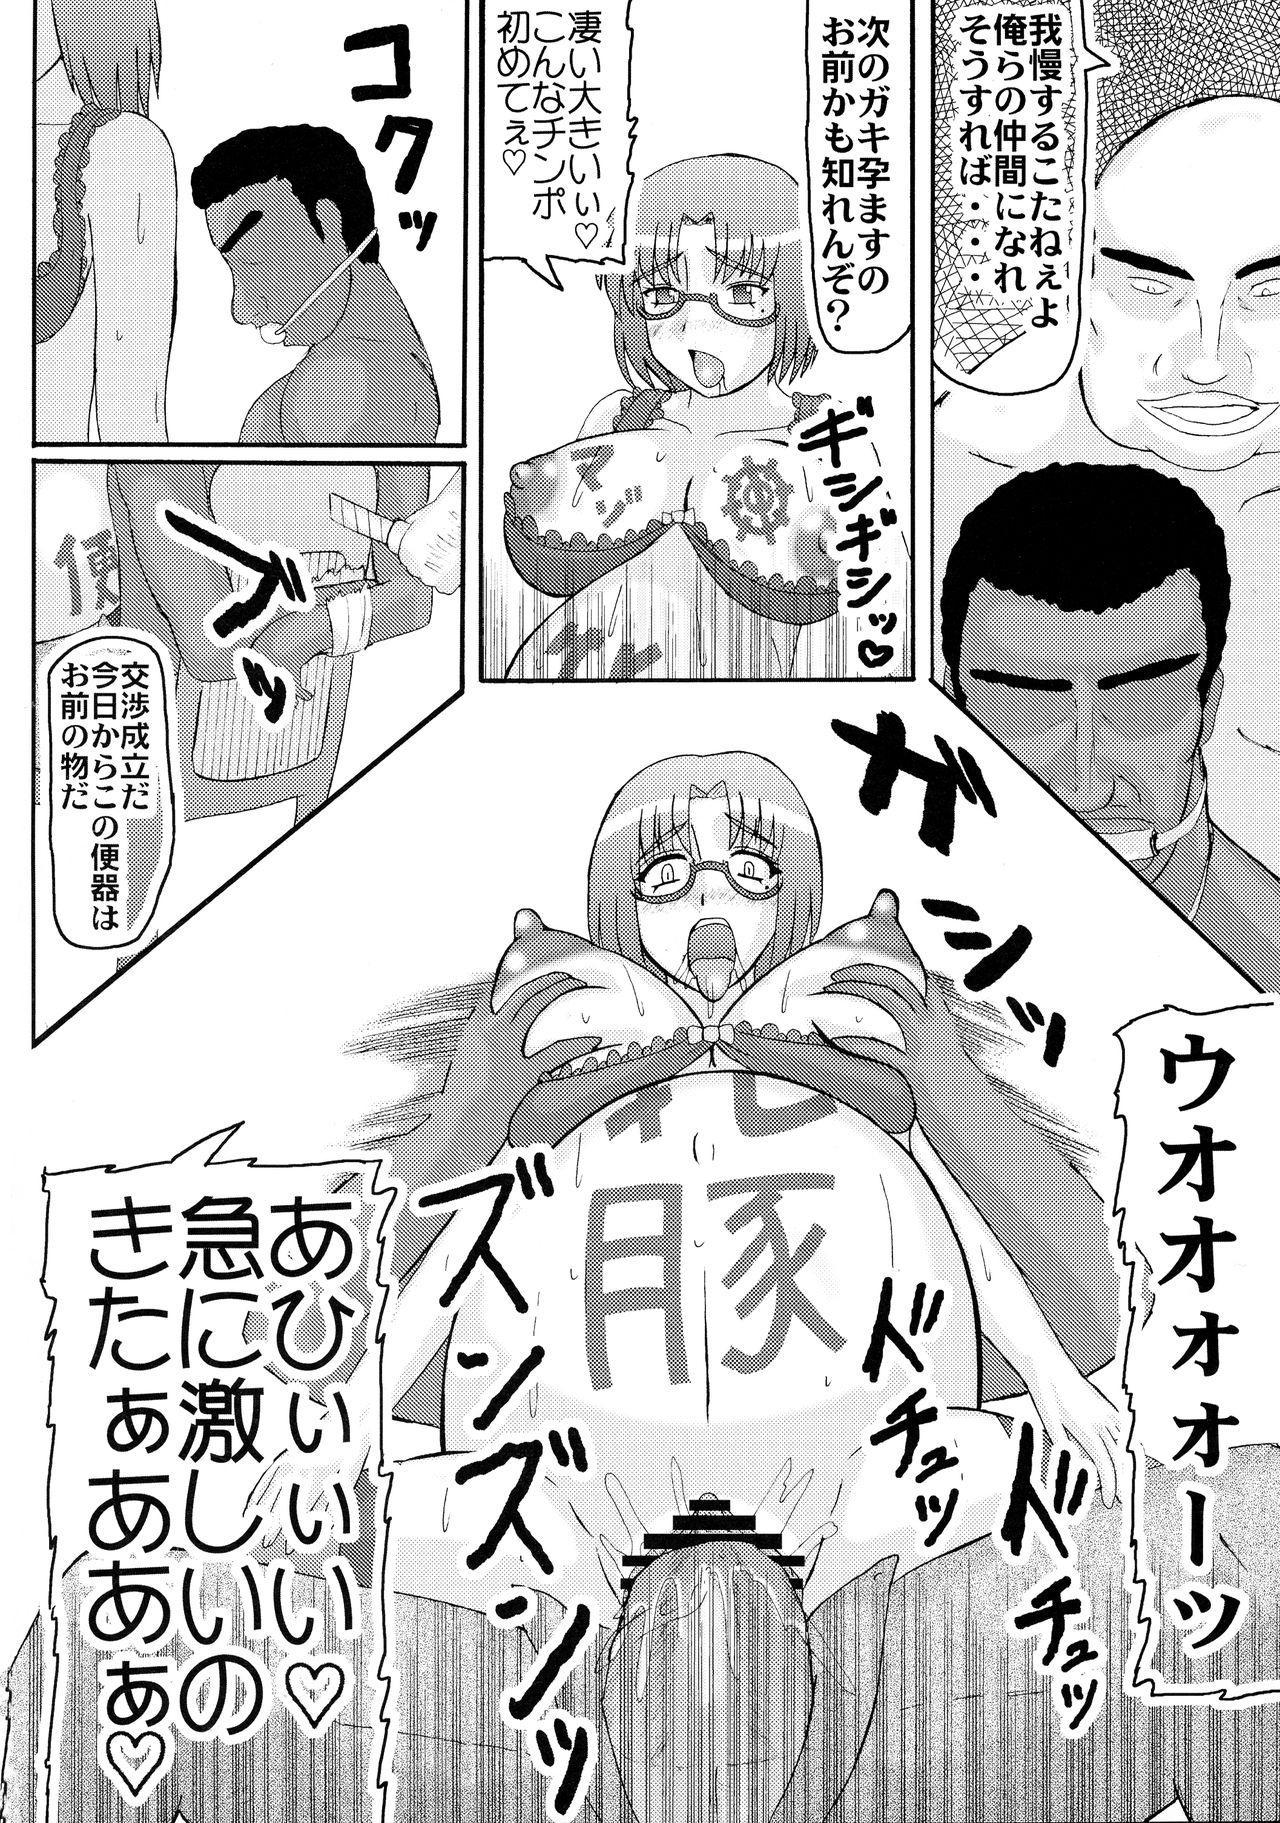 Daraku Ninpu Tsuma 3 11